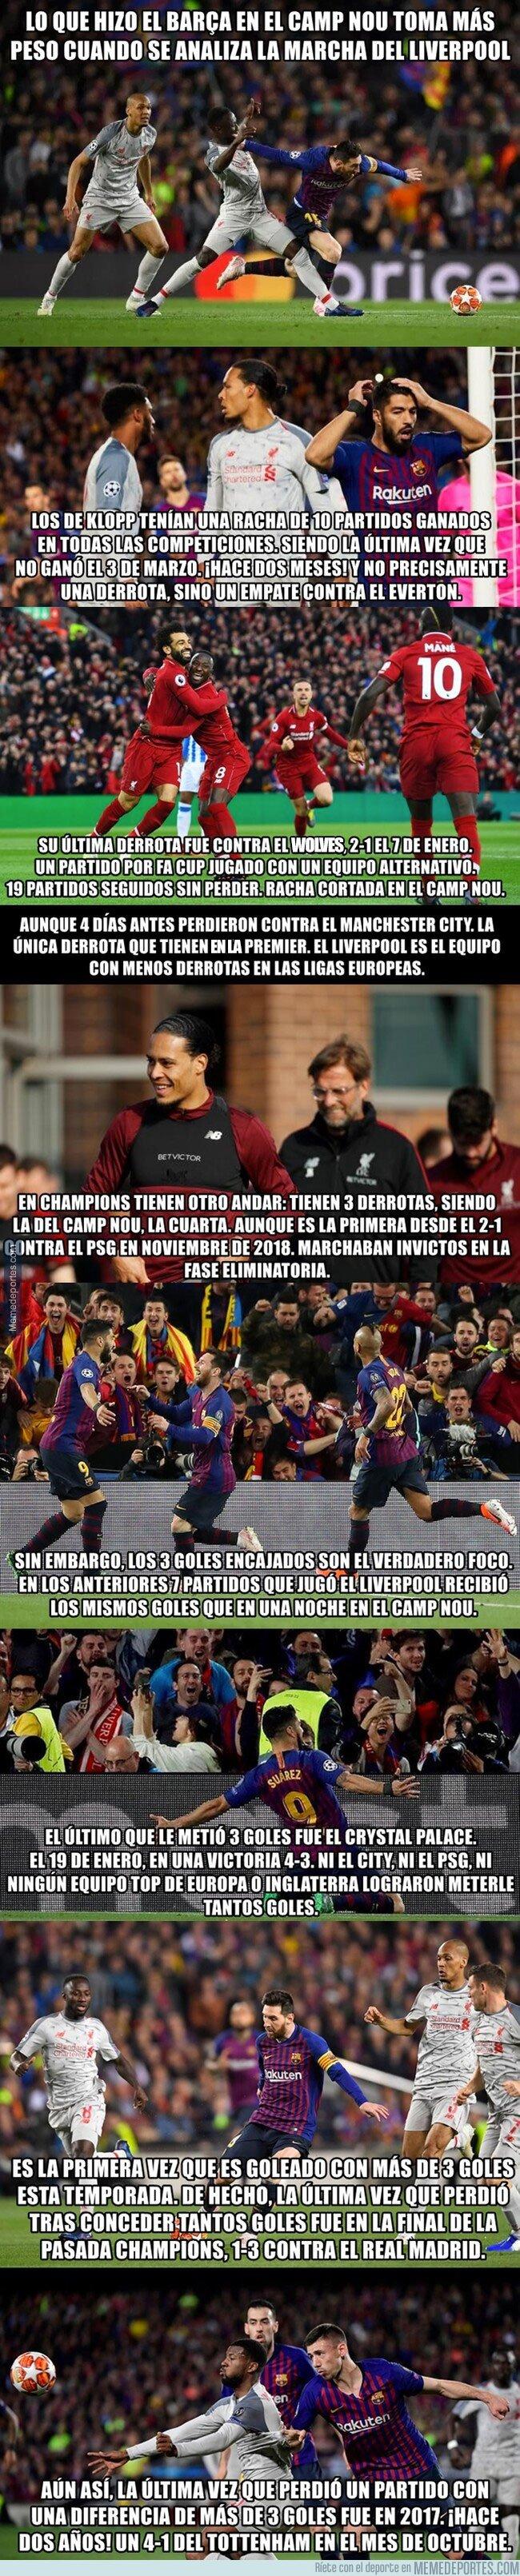 1073433 - El mérito del Barça contra uno de los equipos más duros de Europa en los últimos años